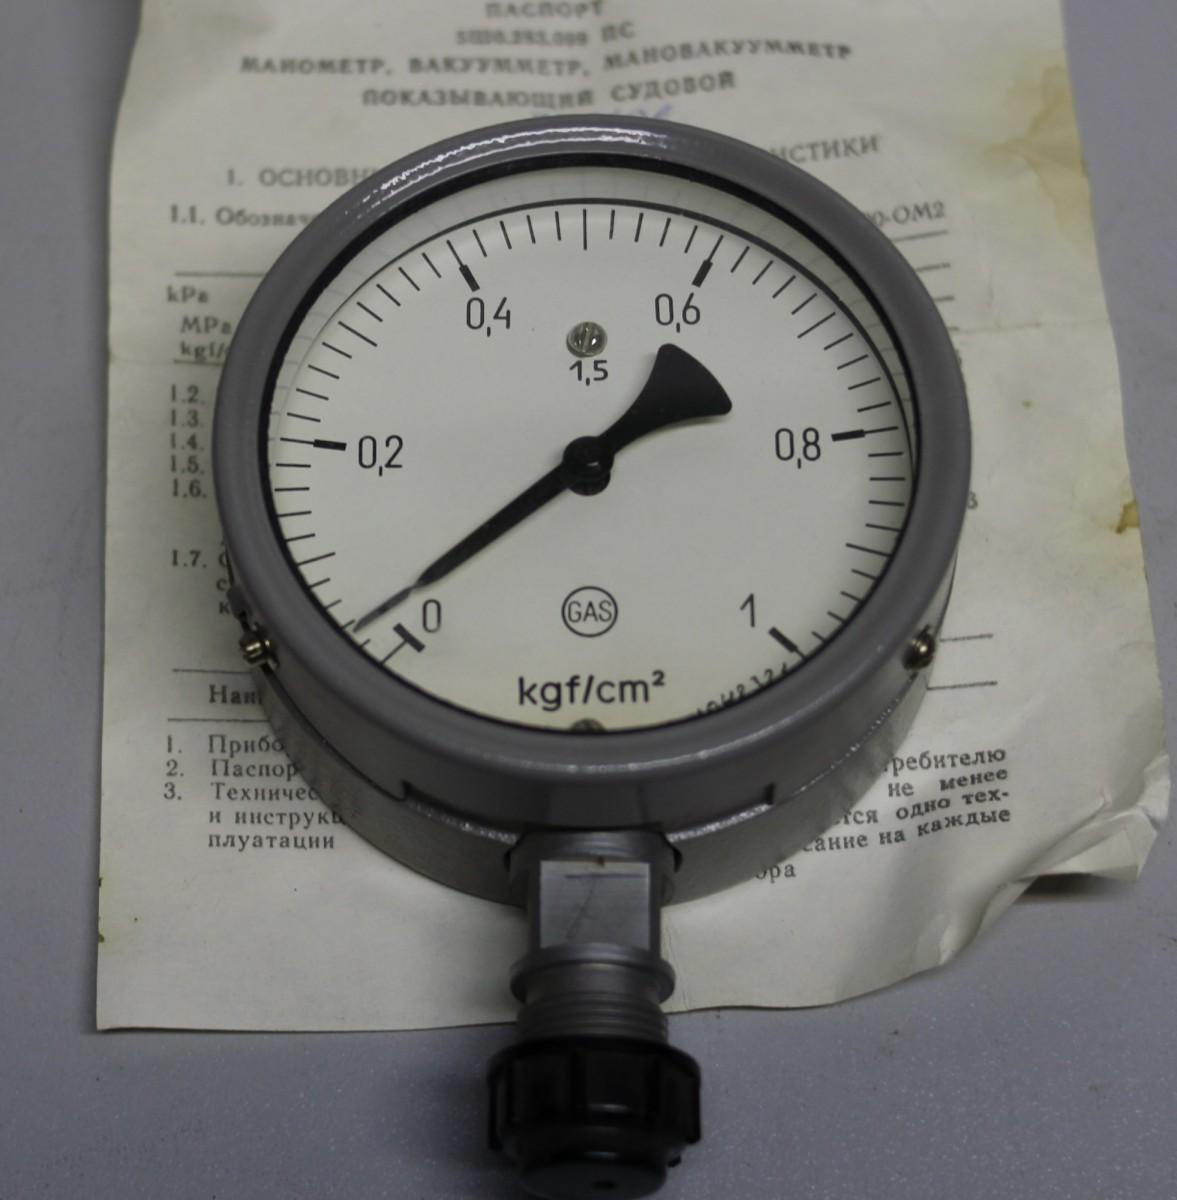 Манометр МТПСД-100-ОМ2 (0-1 кг/см2)